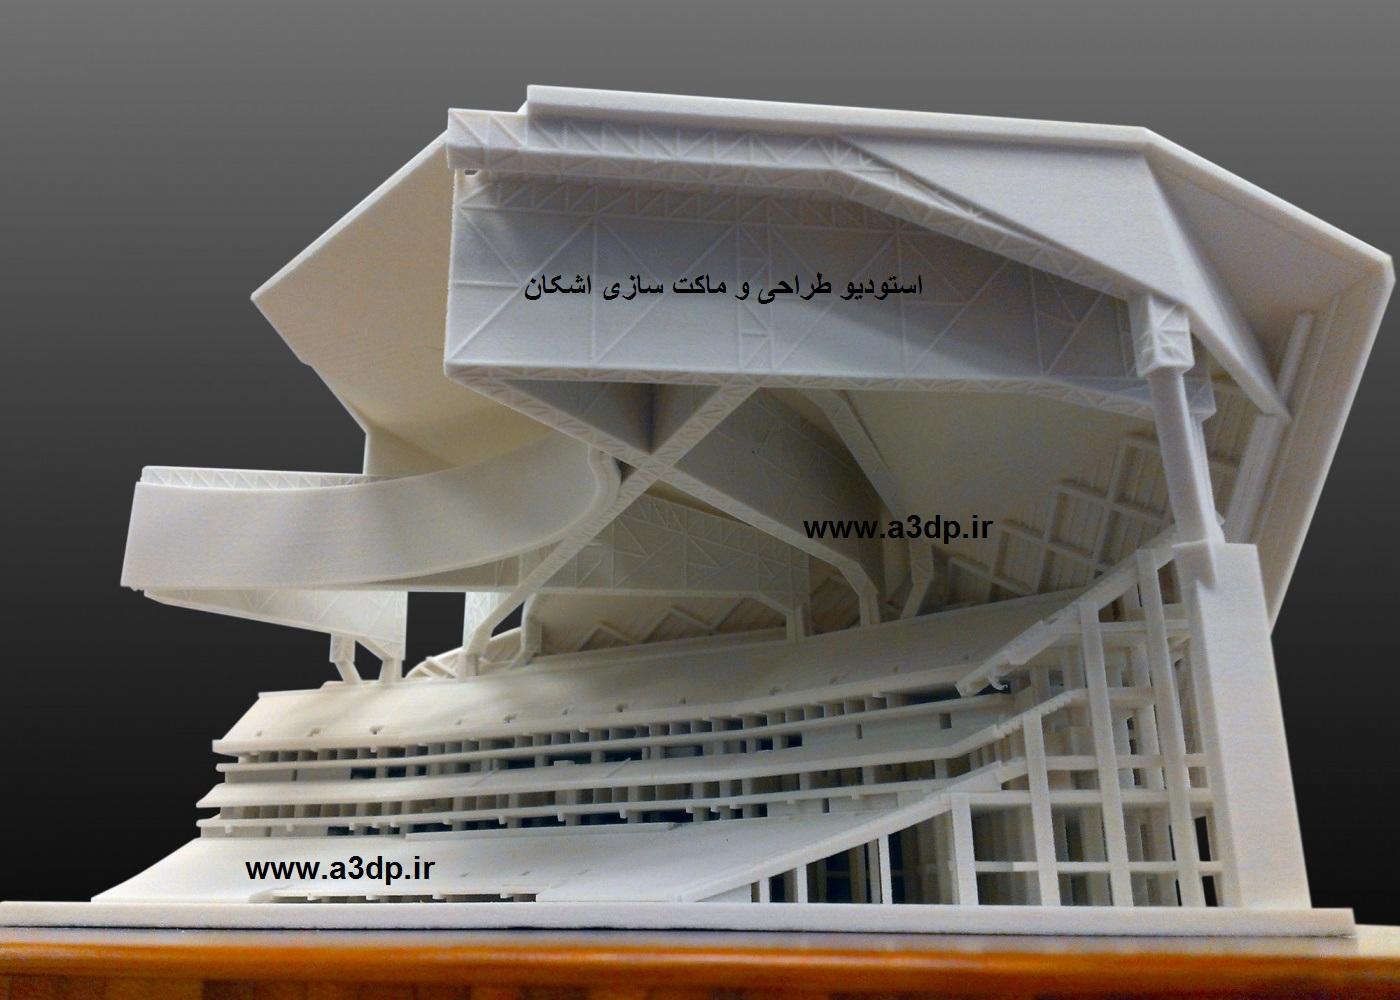 ماکت سازی پروژه های معماری